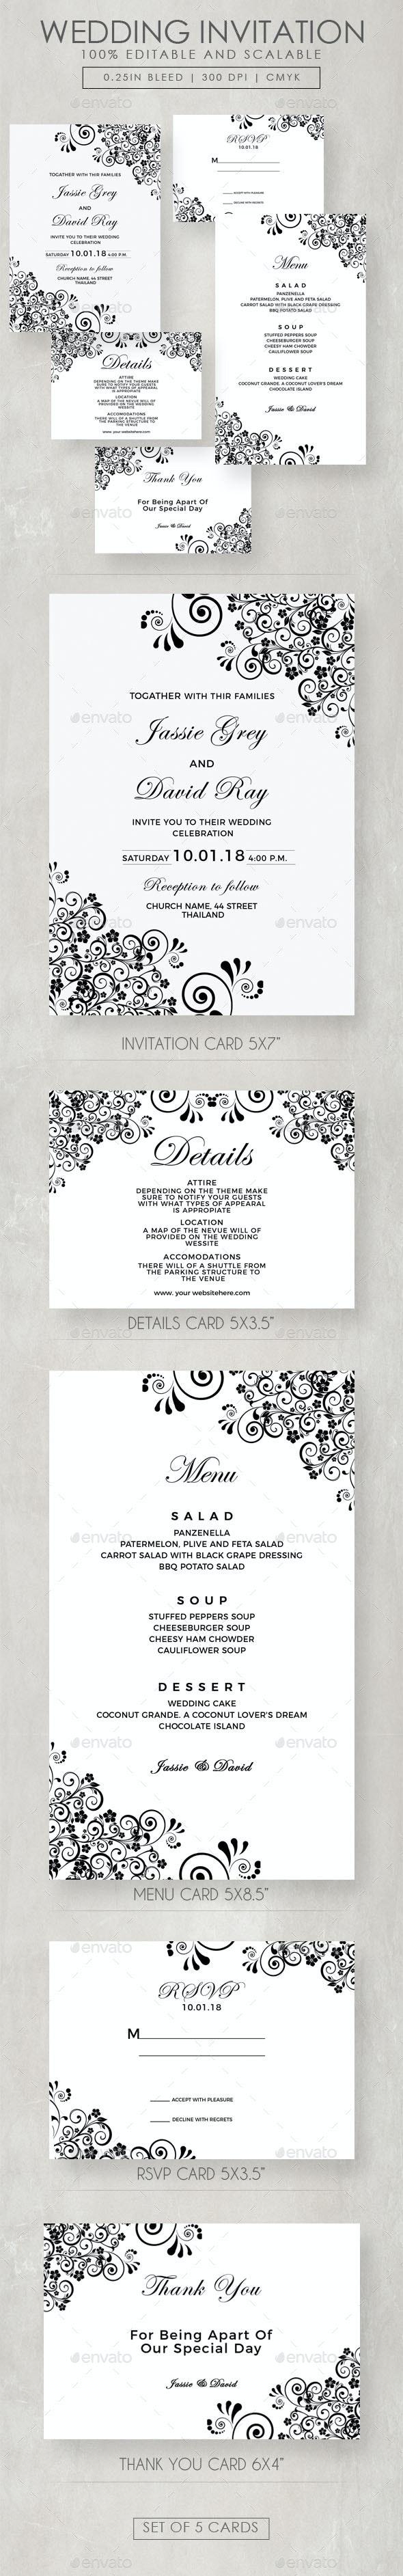 Vintage Flourish Wedding Invitation Suite - Weddings Cards & Invites